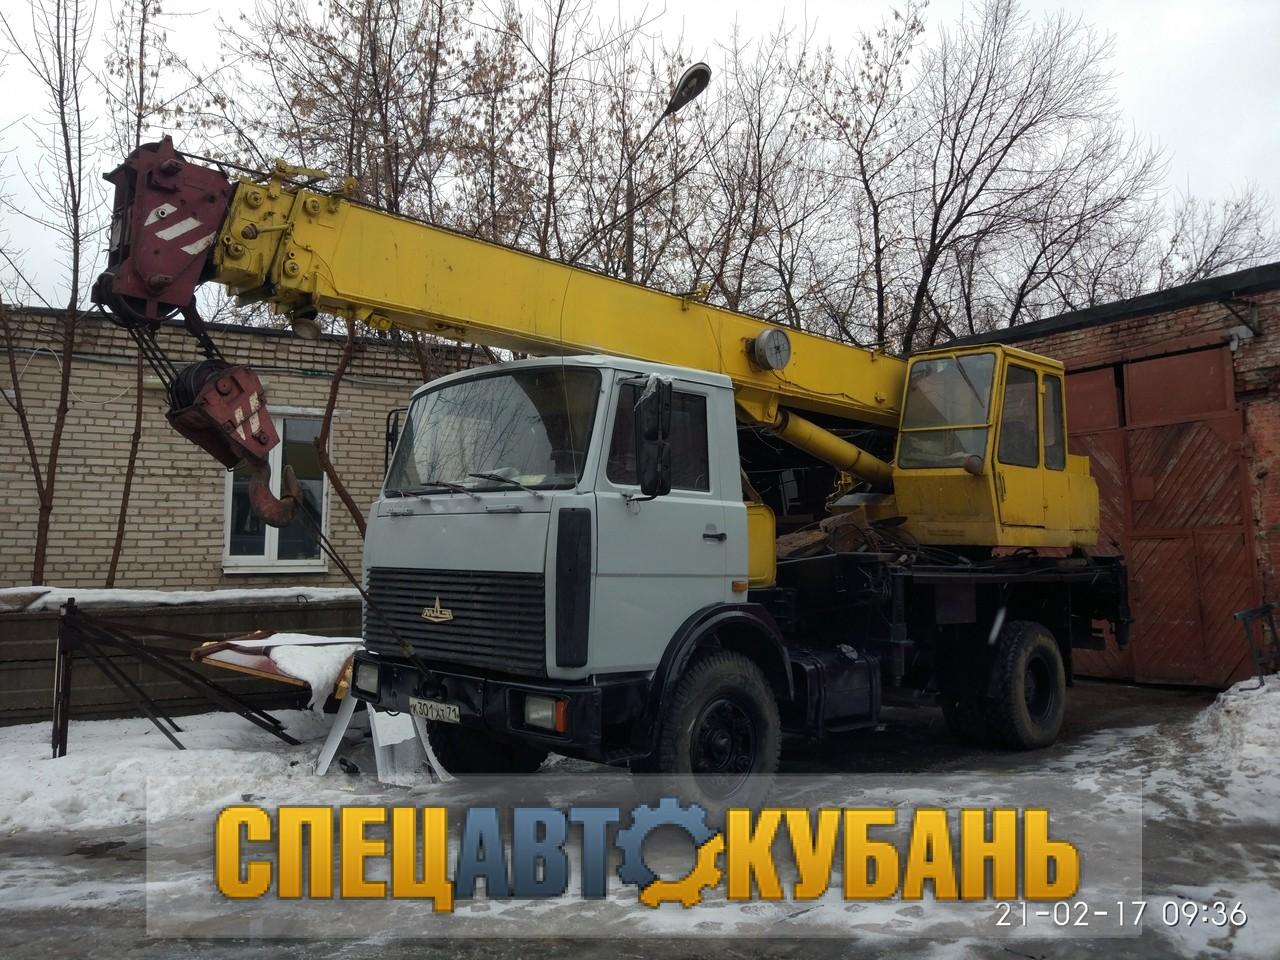 КС-3577 «ИВАНОВЕЦ» НА БАЗЕ МАЗ-5337